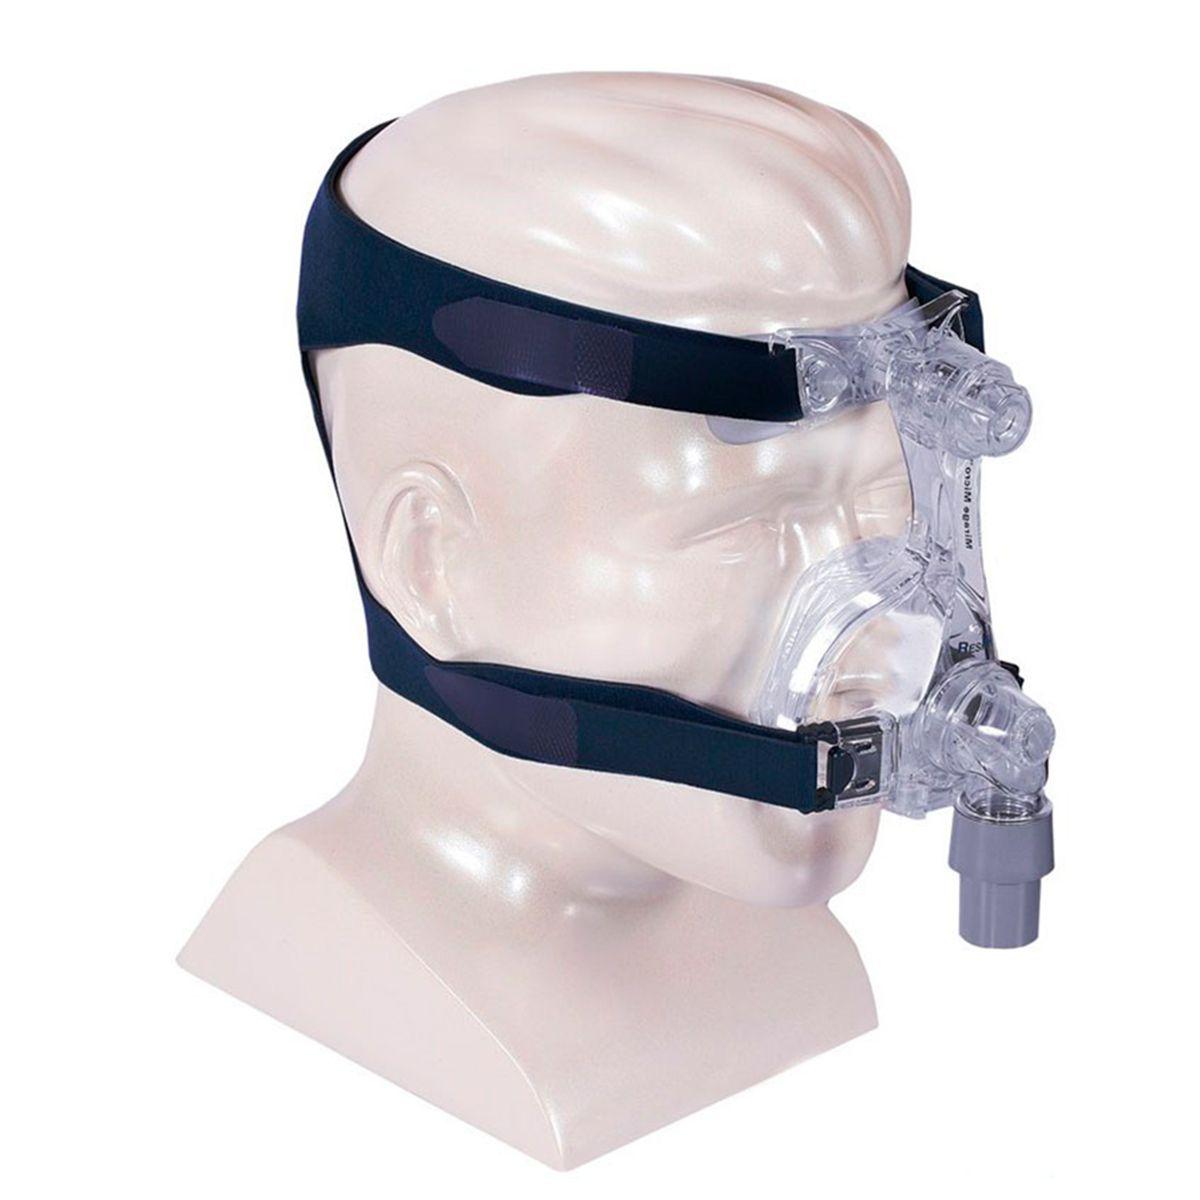 Kit CPAP Automático AirSense 10 AutoSet For Her + umidificador + Máscara Nasal Mirage Micro (Almofada M e G)